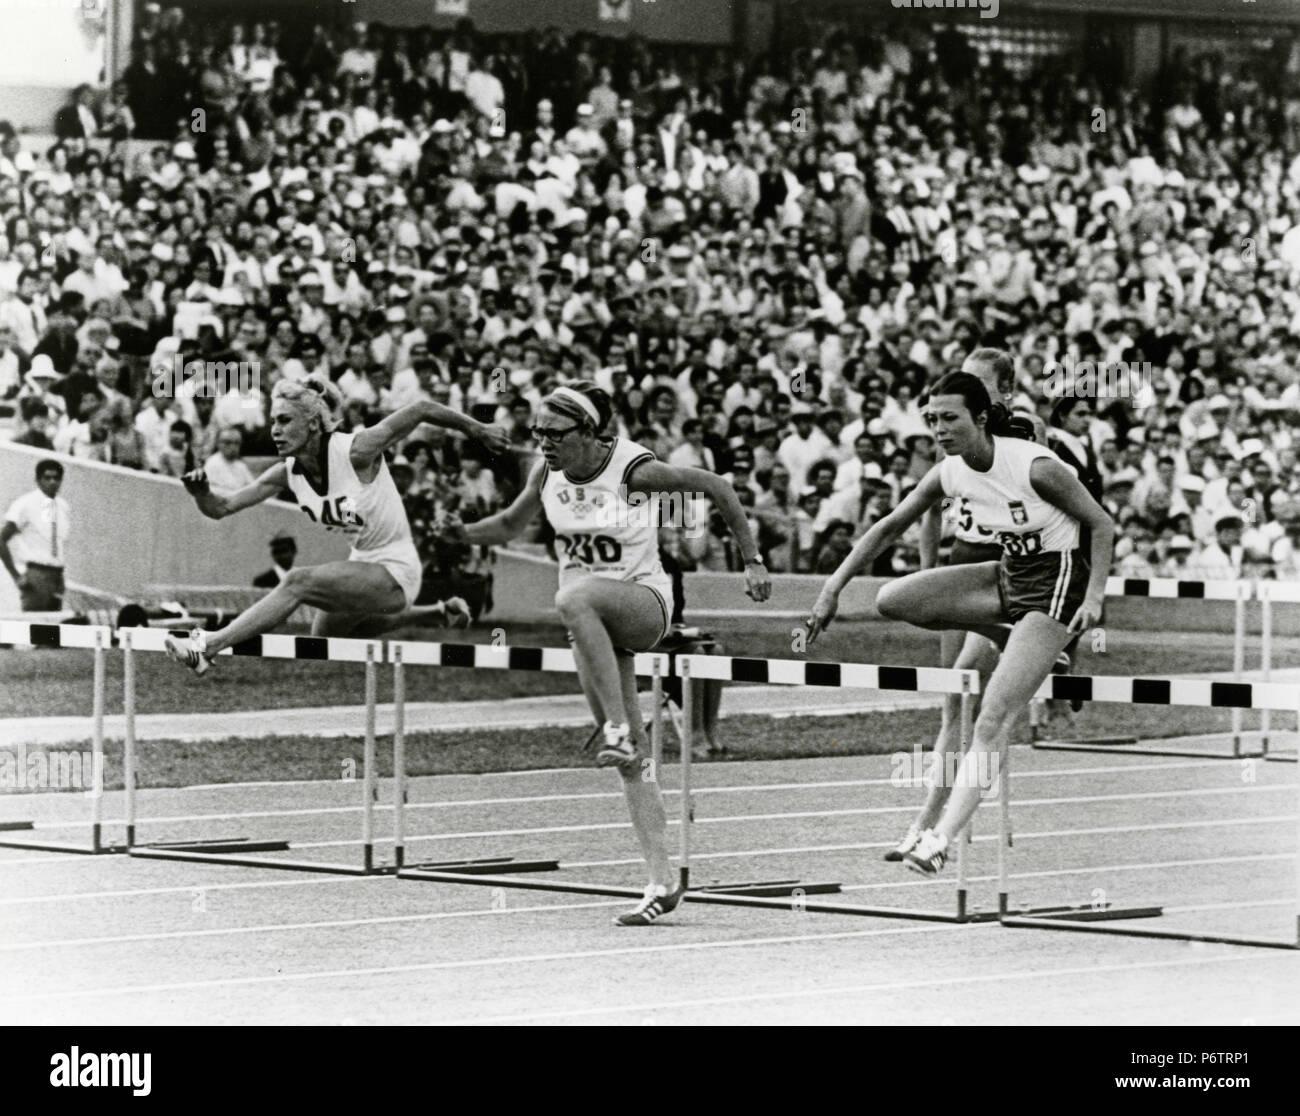 100 Metros Con Vallas En Mexico 68 Juegos Olimpicos Mexico 1968